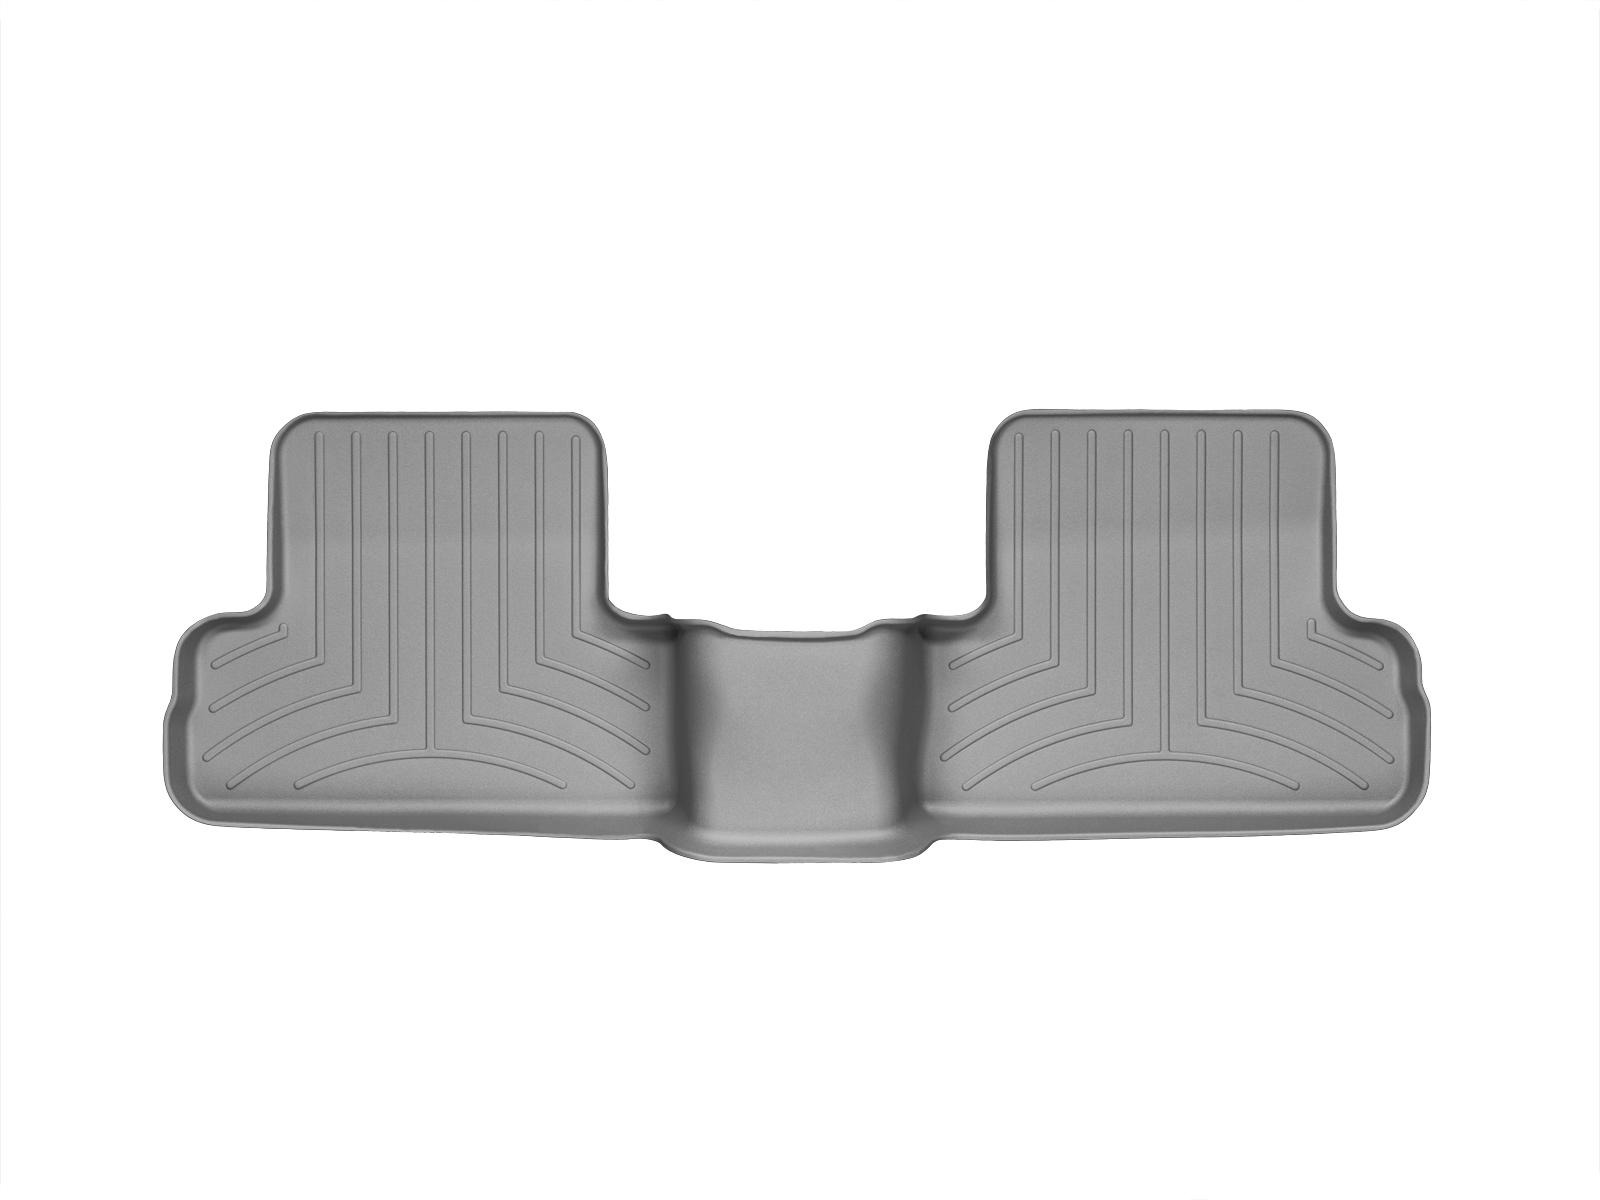 Tappeti gomma su misura bordo alto Nissan X-Trail 08>13 Grigio A2926